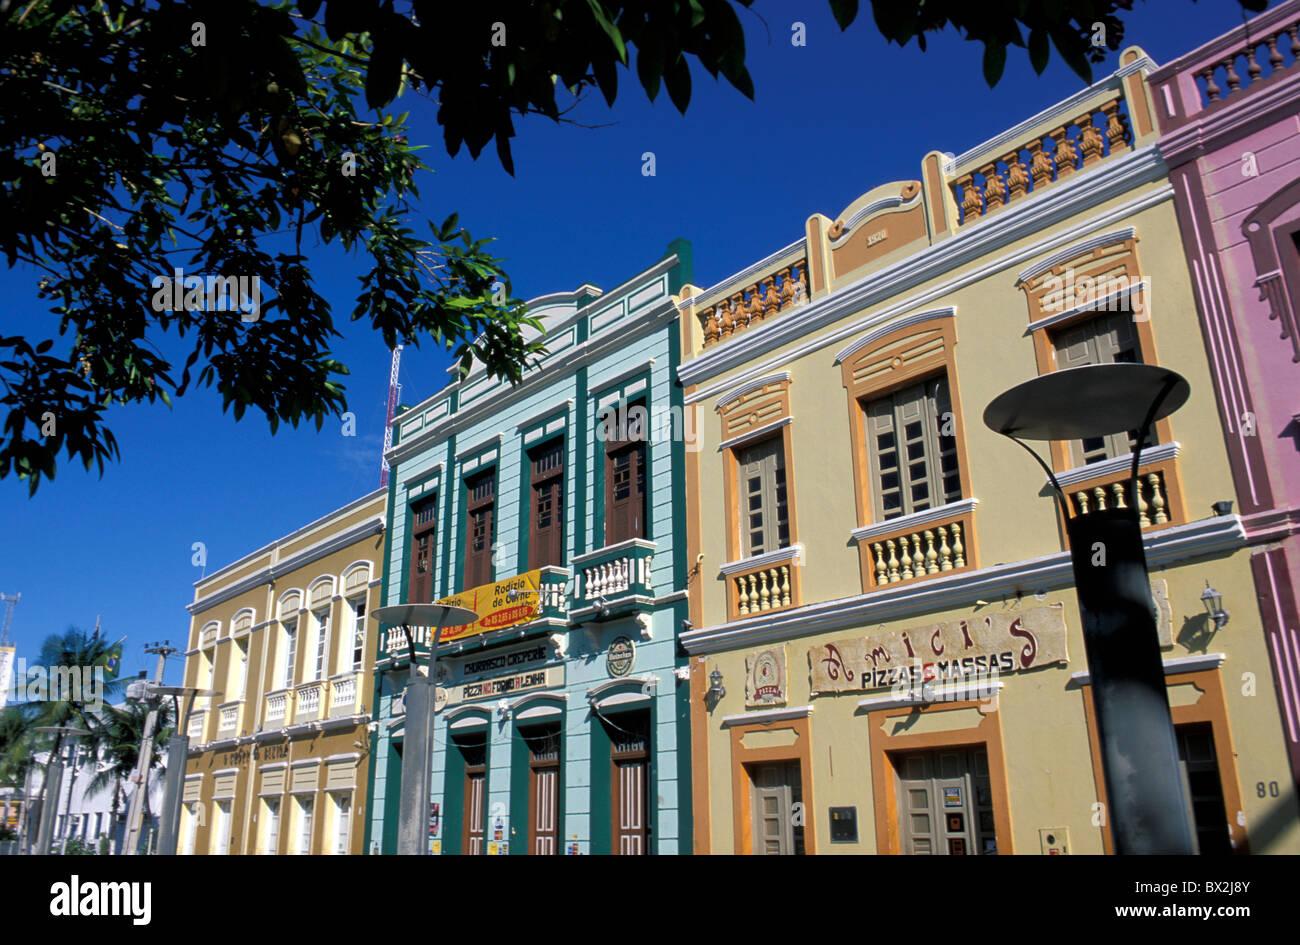 Centro Dragao do Mar de Arte e Cultura Fortaleza Ceara Brazil South America buildings houses facades colorful - Stock Image